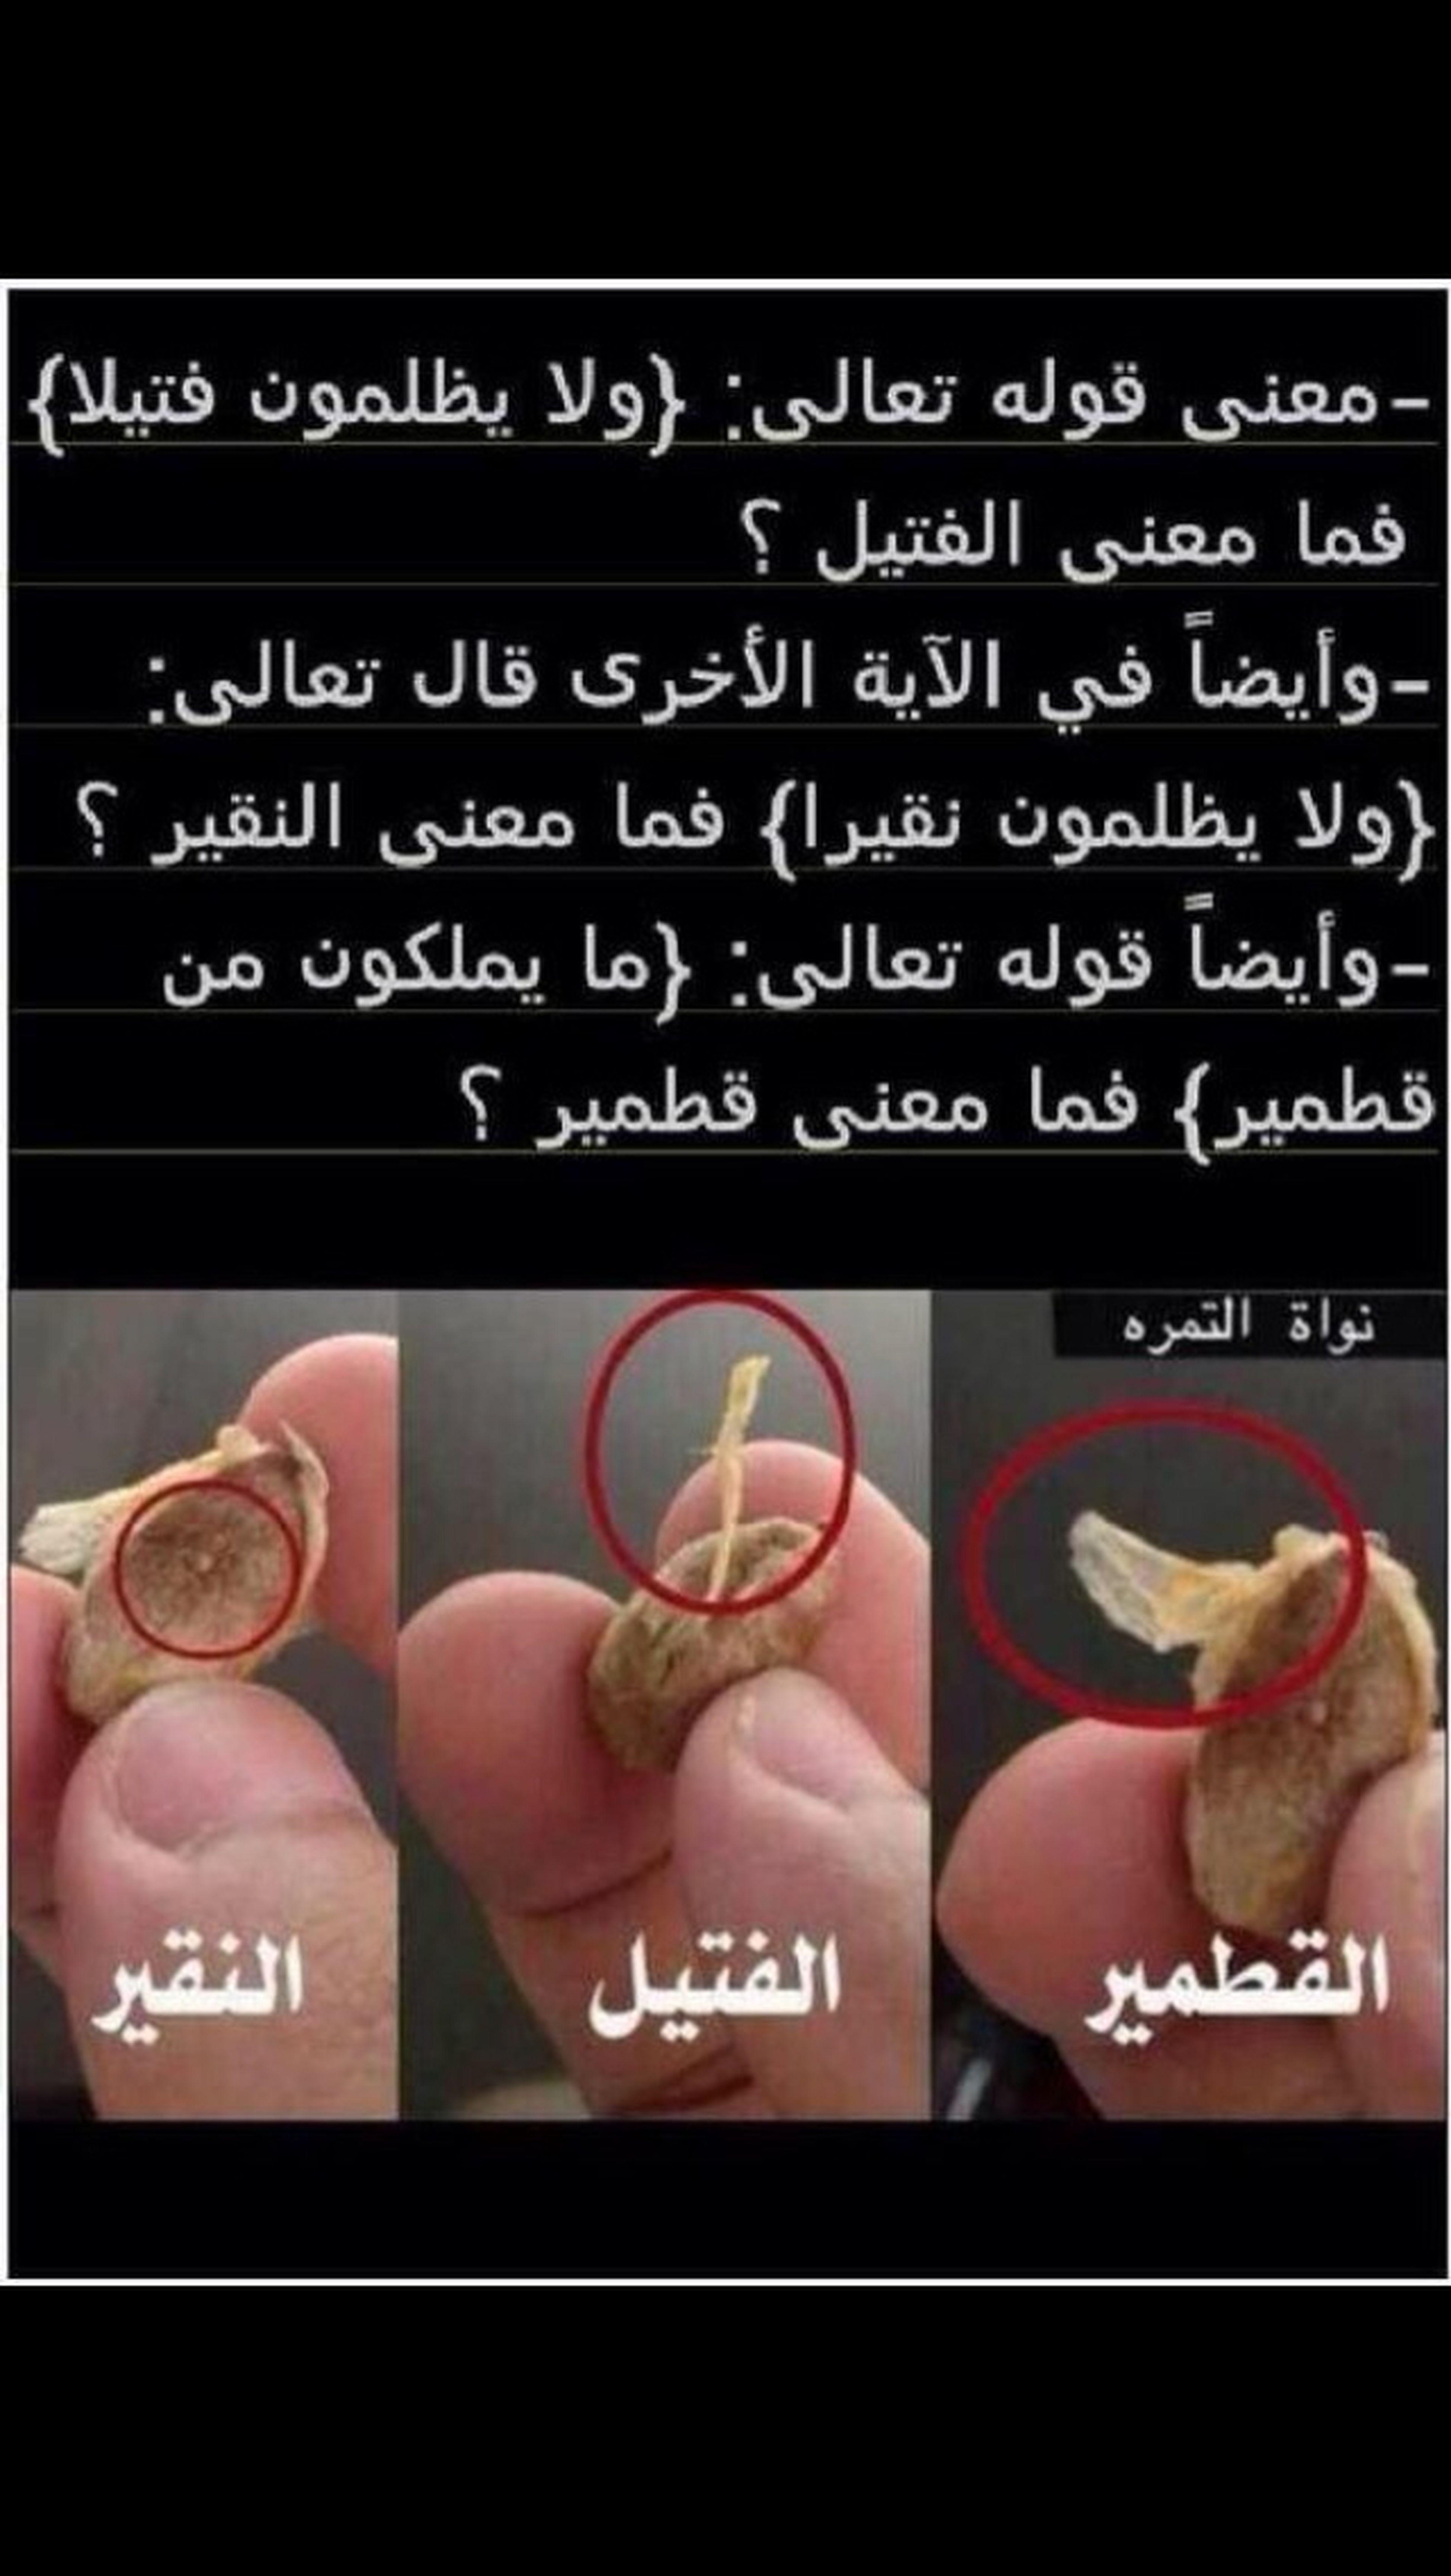 معنى {القطمير والفتيل والنقير} في القرآن الكريم